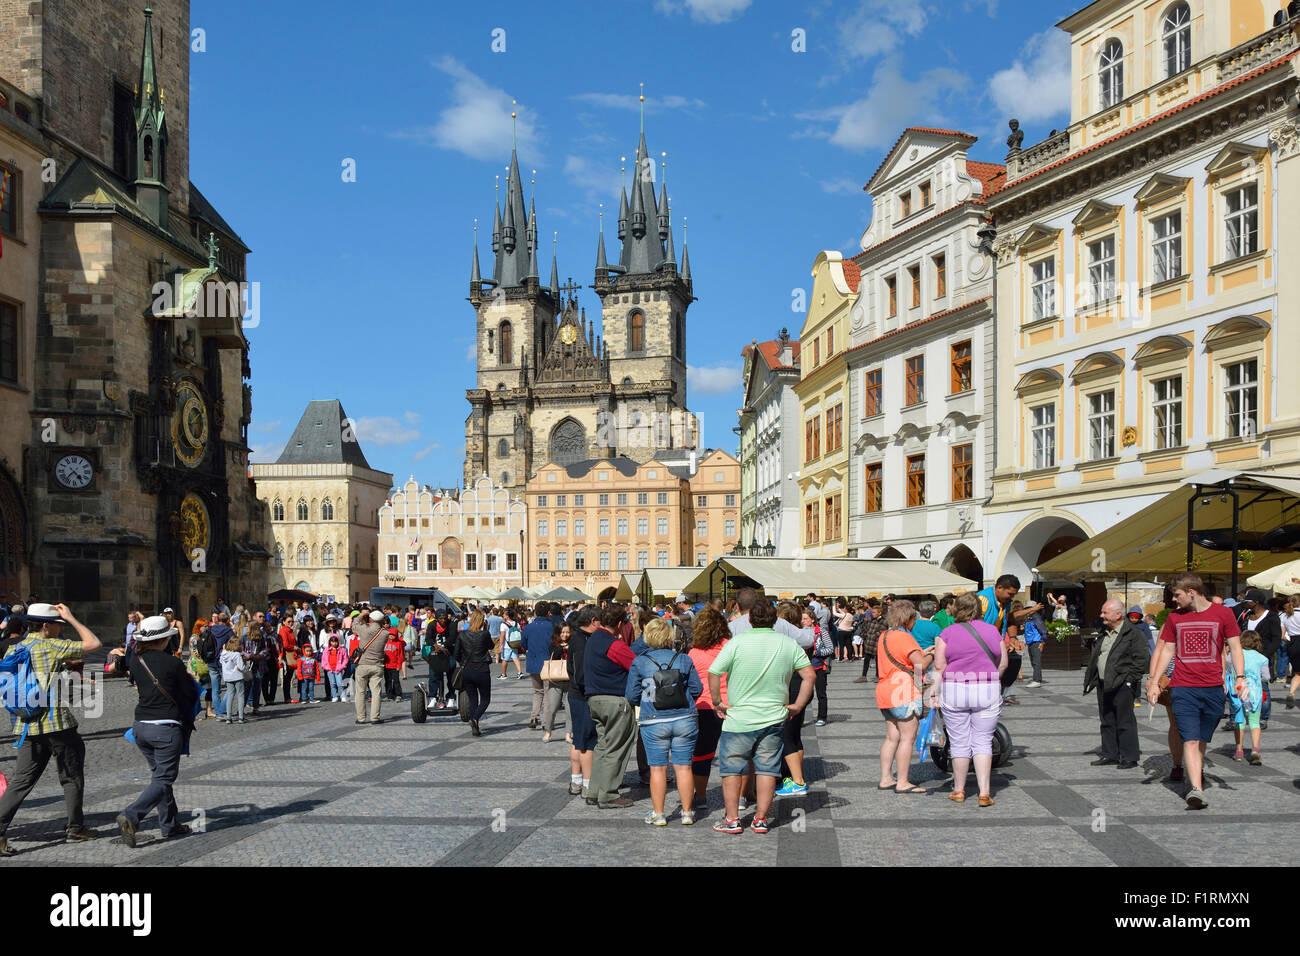 Les touristes à la place de la vieille ville de Prague en République tchèque. Photo Stock